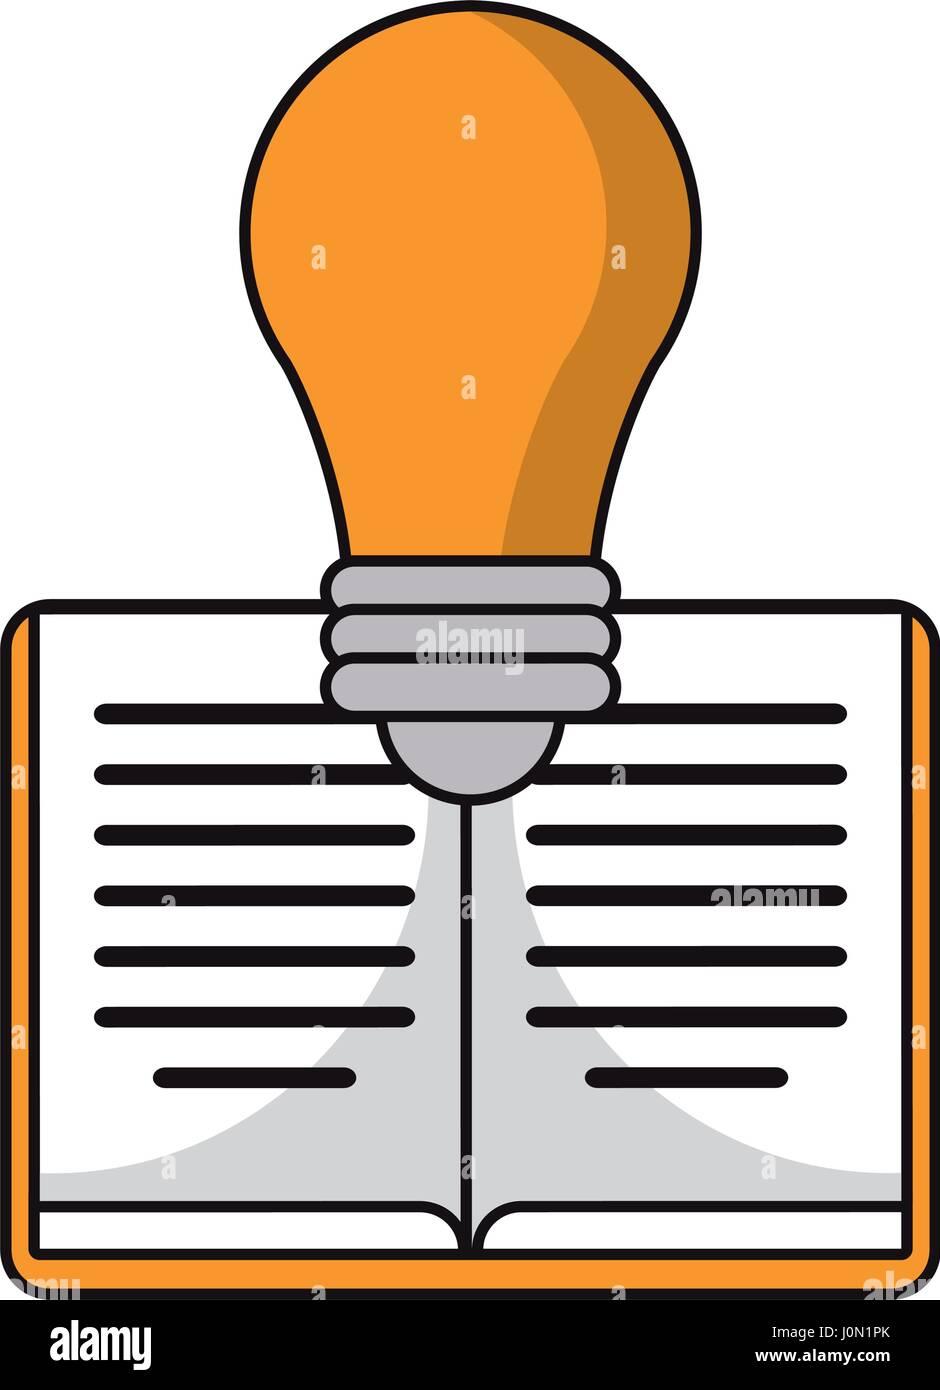 book idea discovery icon - Stock Vector